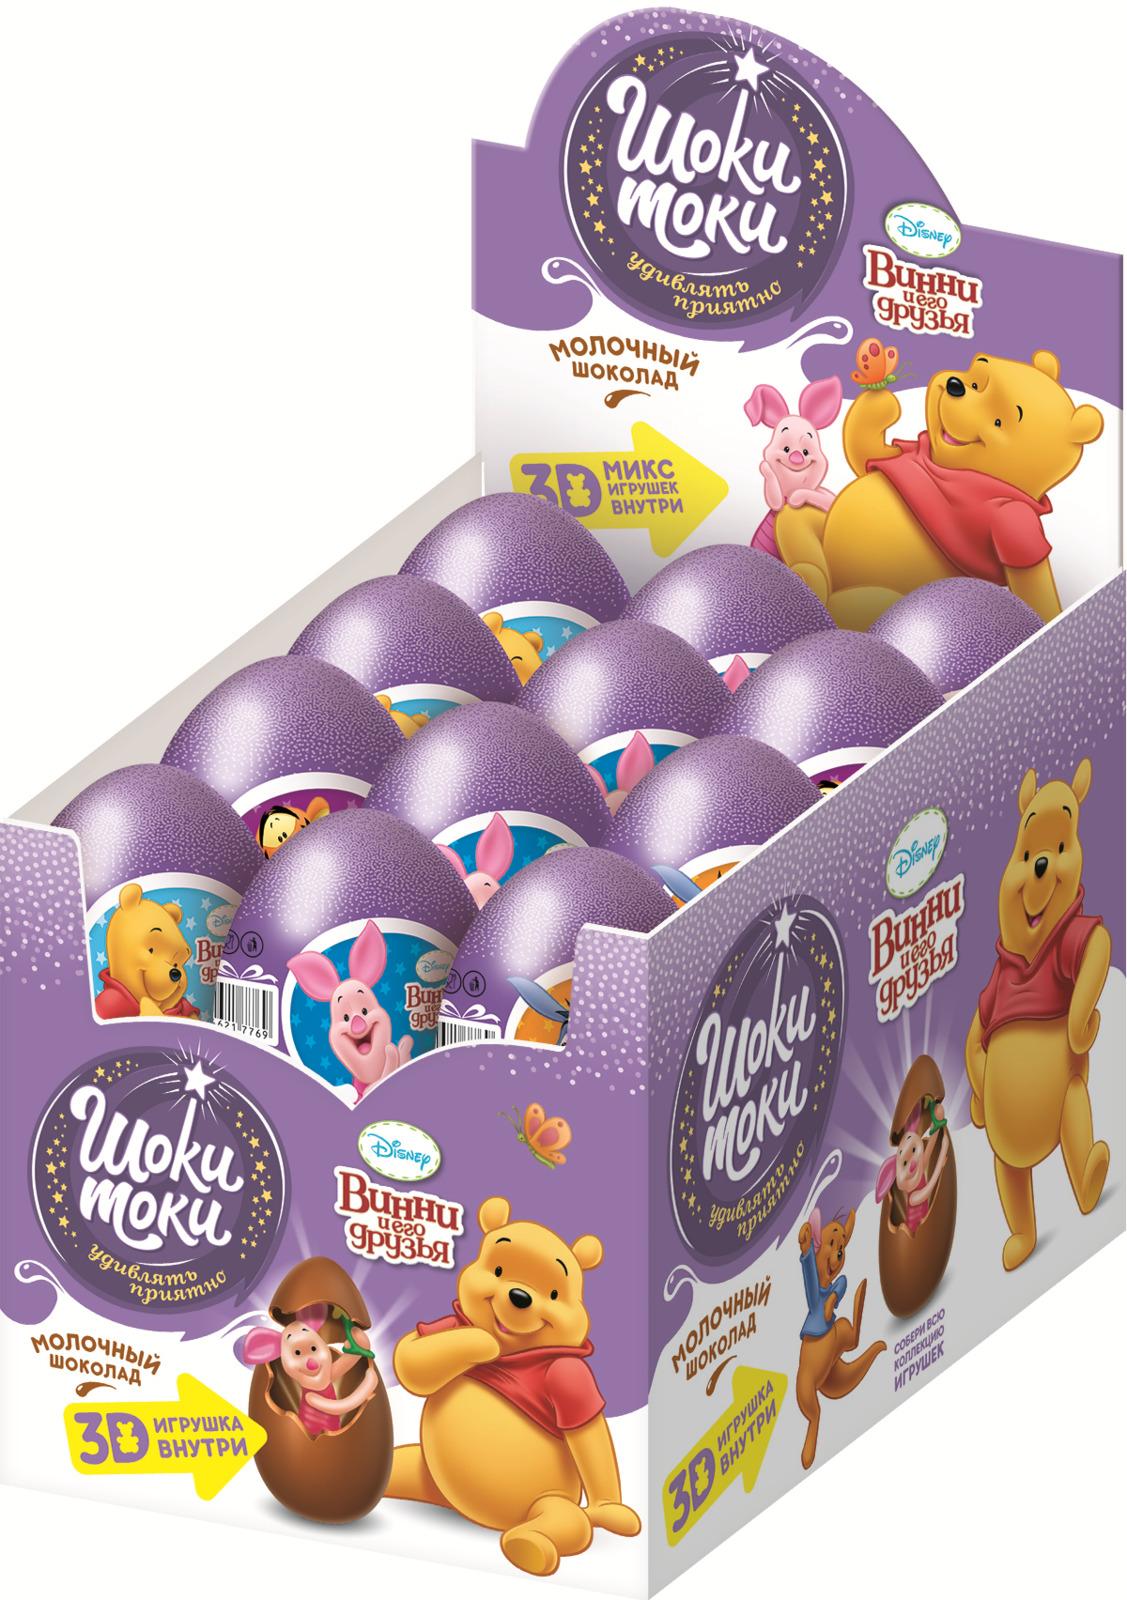 купить Шоколадное яйцо с игрушкой Конфитрейд Шоки-Токи Disney Винни Пух, 24 шт по 20 г по цене 1935 рублей